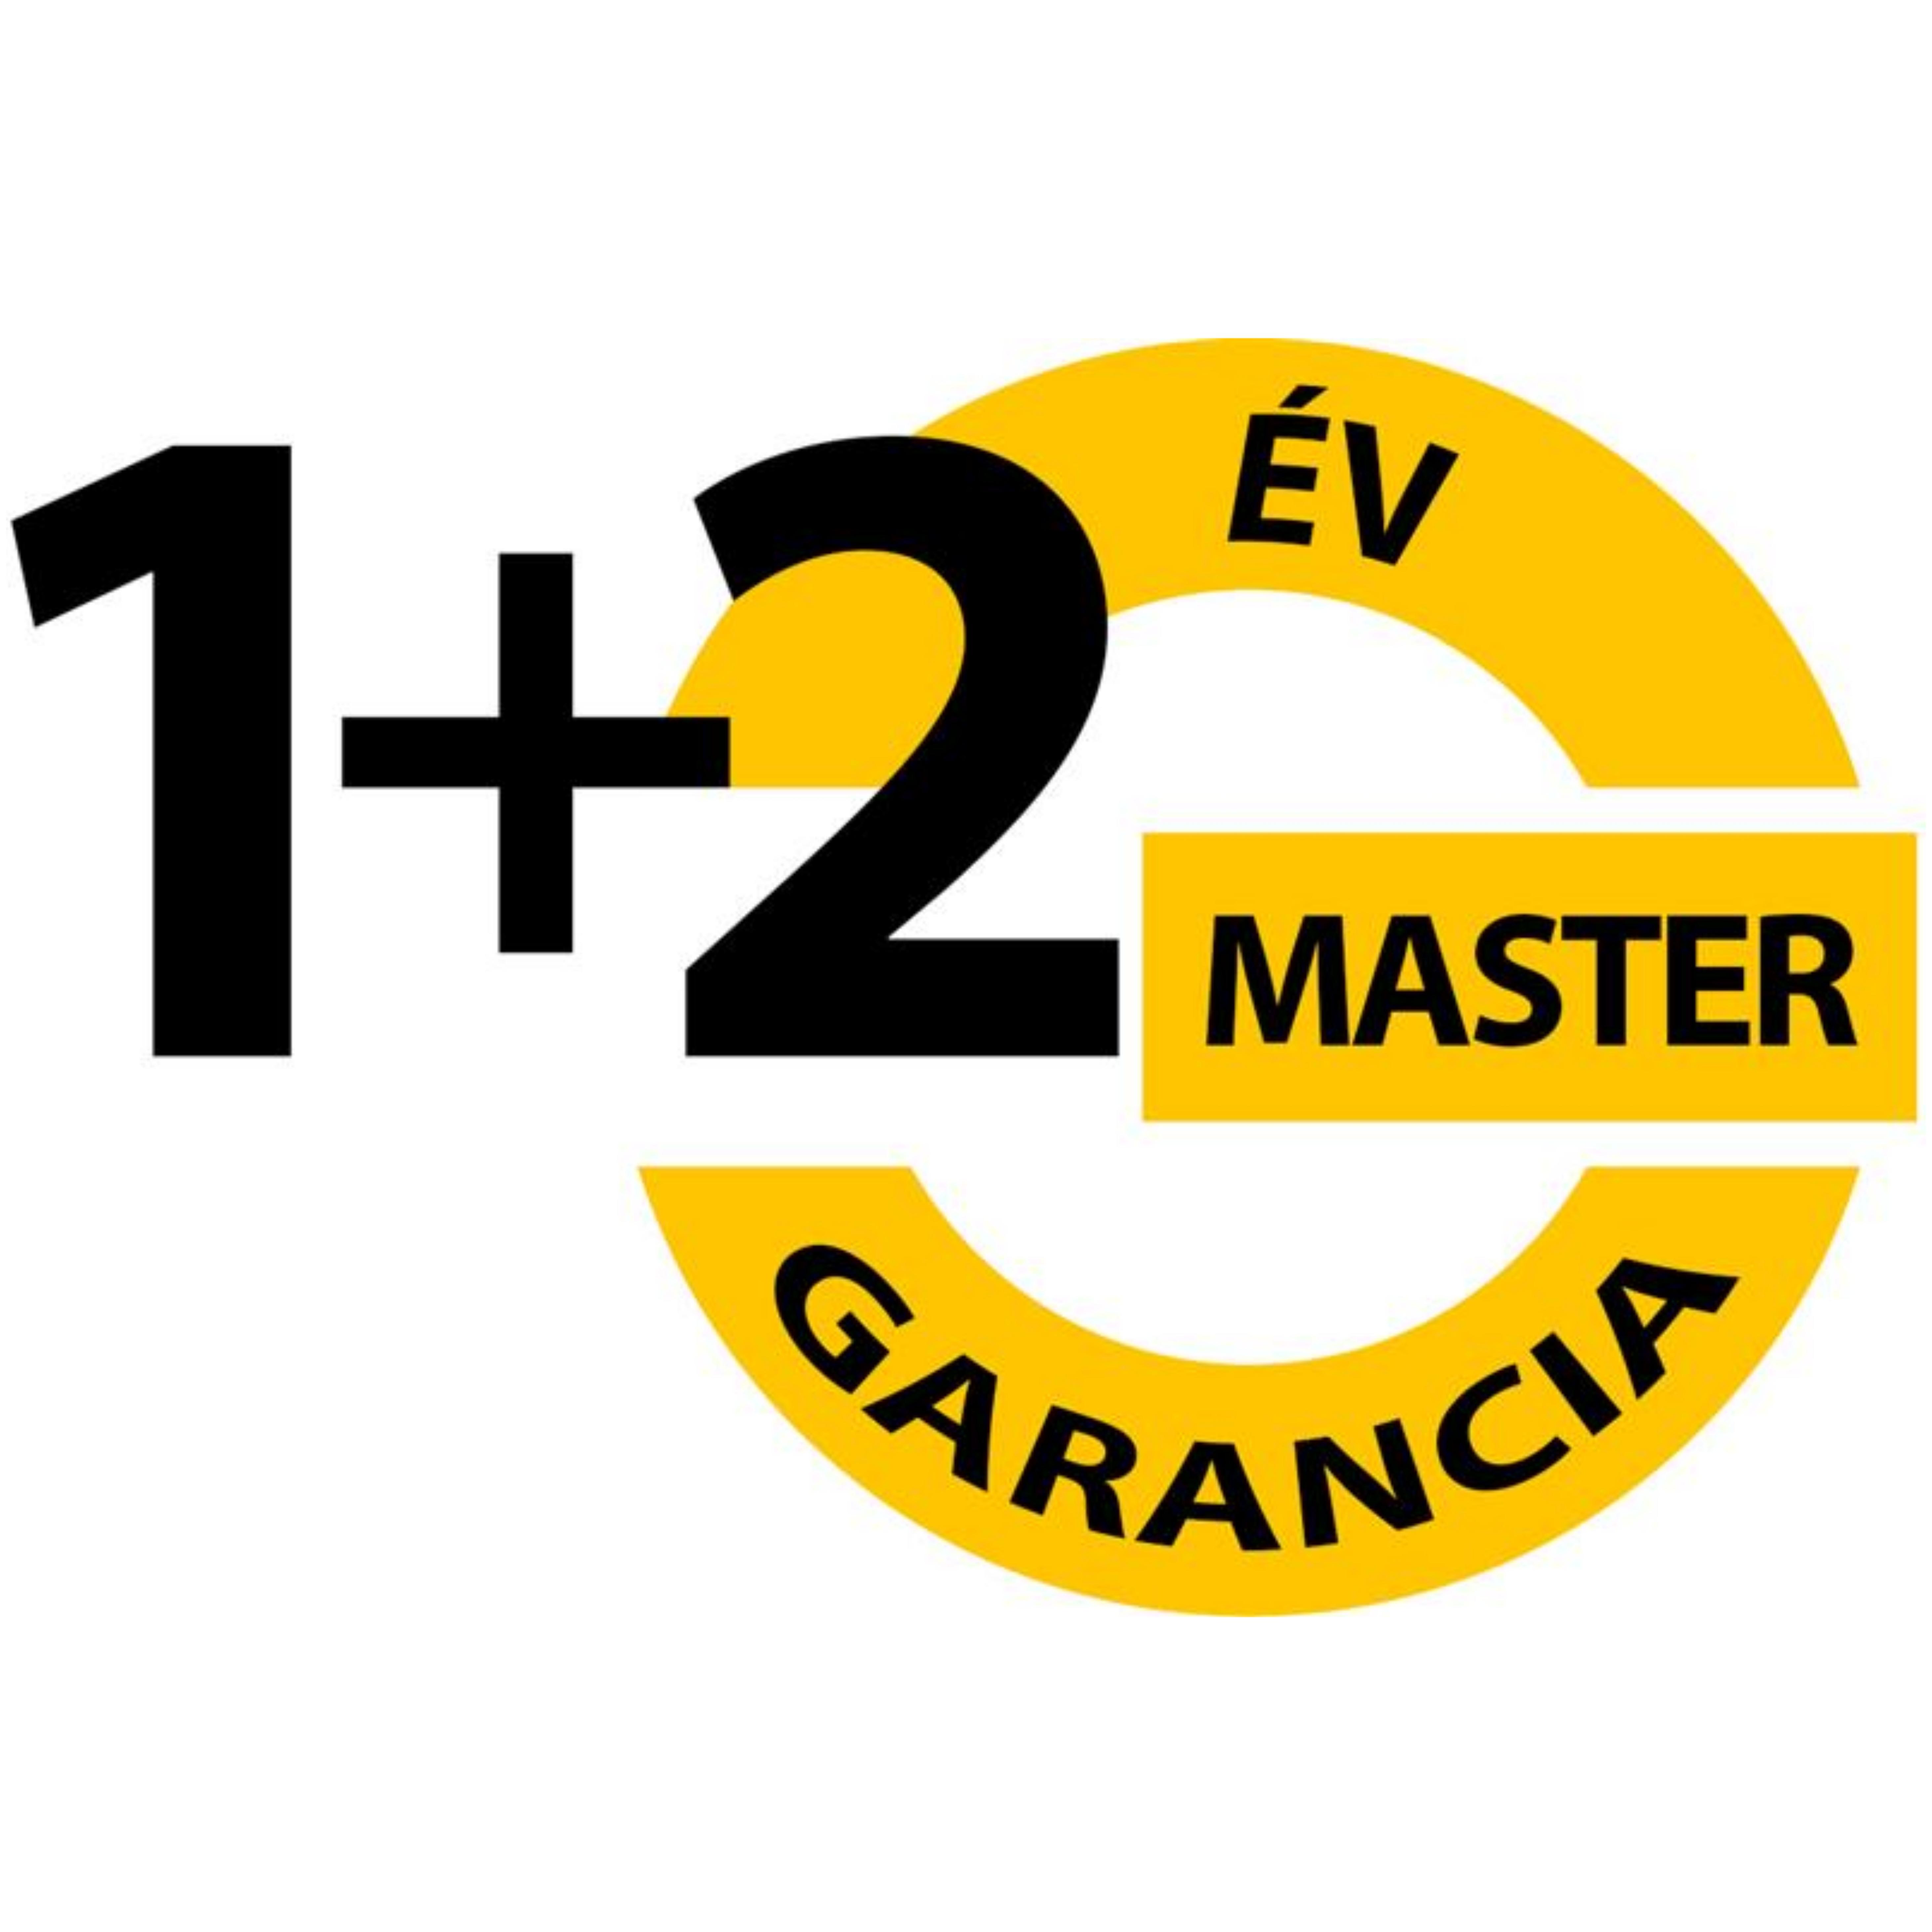 Master_Garancia